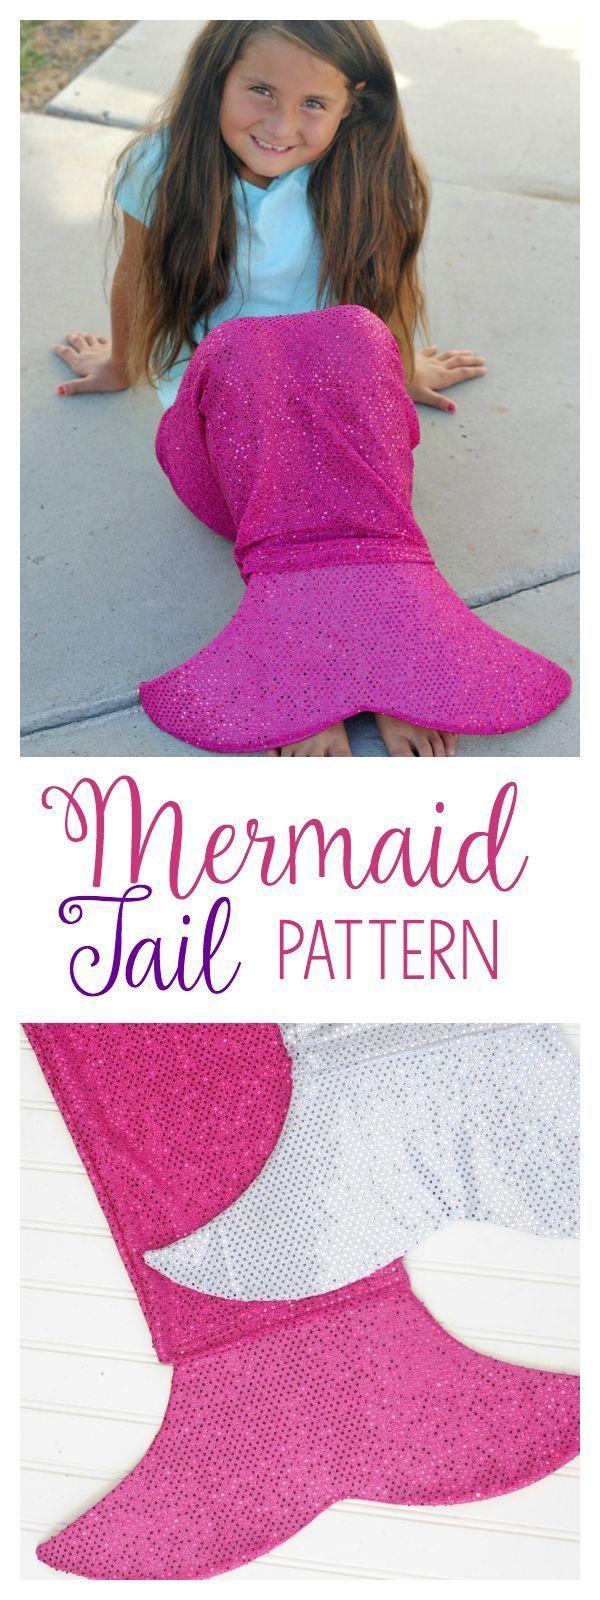 Mermaid Tail Sewing Tutorial   Diy nähen, Meerjungfrauen und Nähen